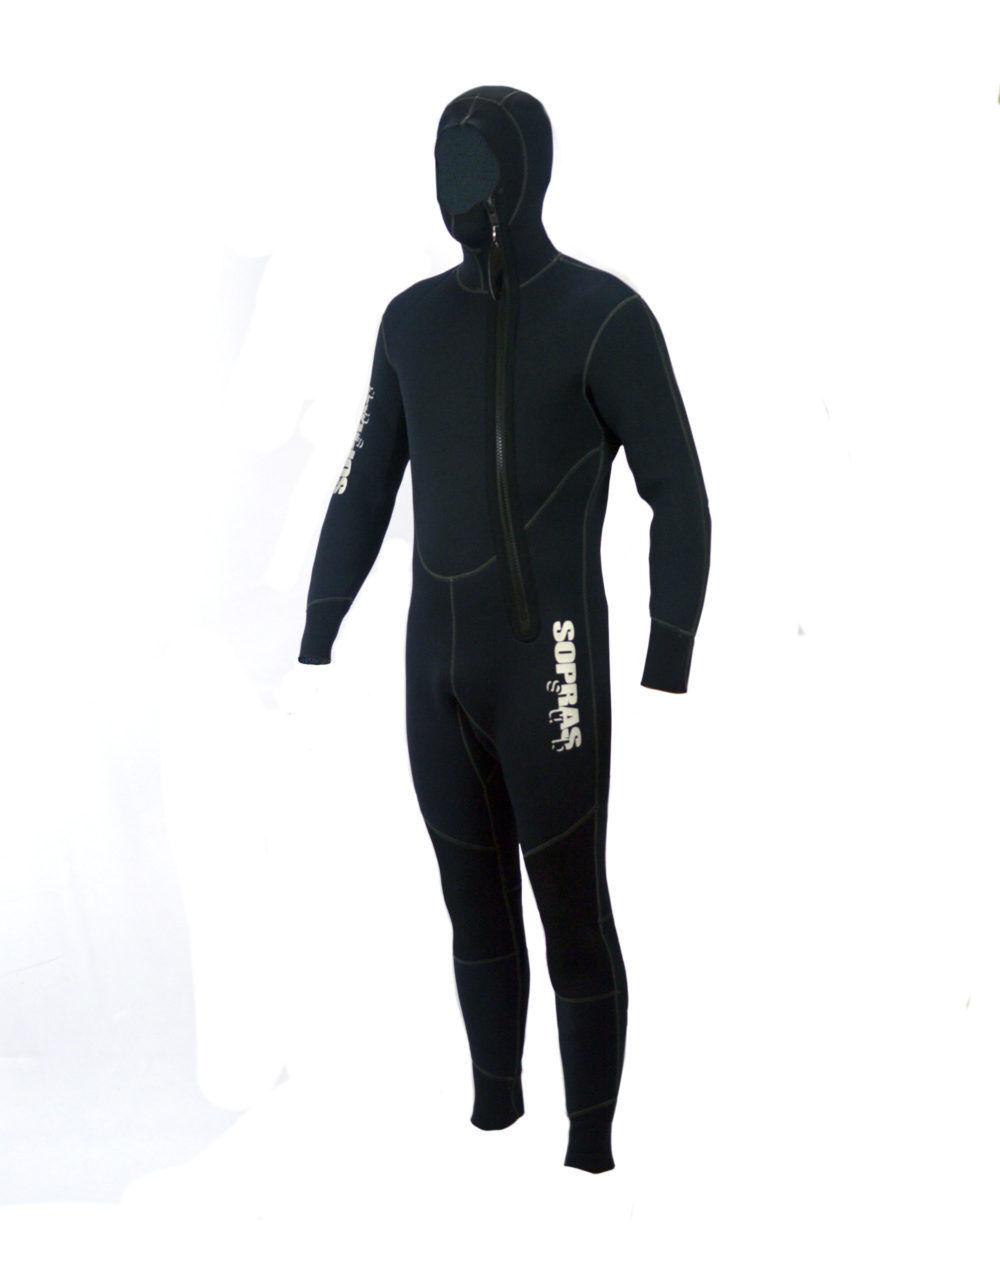 Wetsuit 5mm  Sopras Sub Amalfi Men Hooded Jumpsuit Scuba Diving Hood Full Suit  cheap store